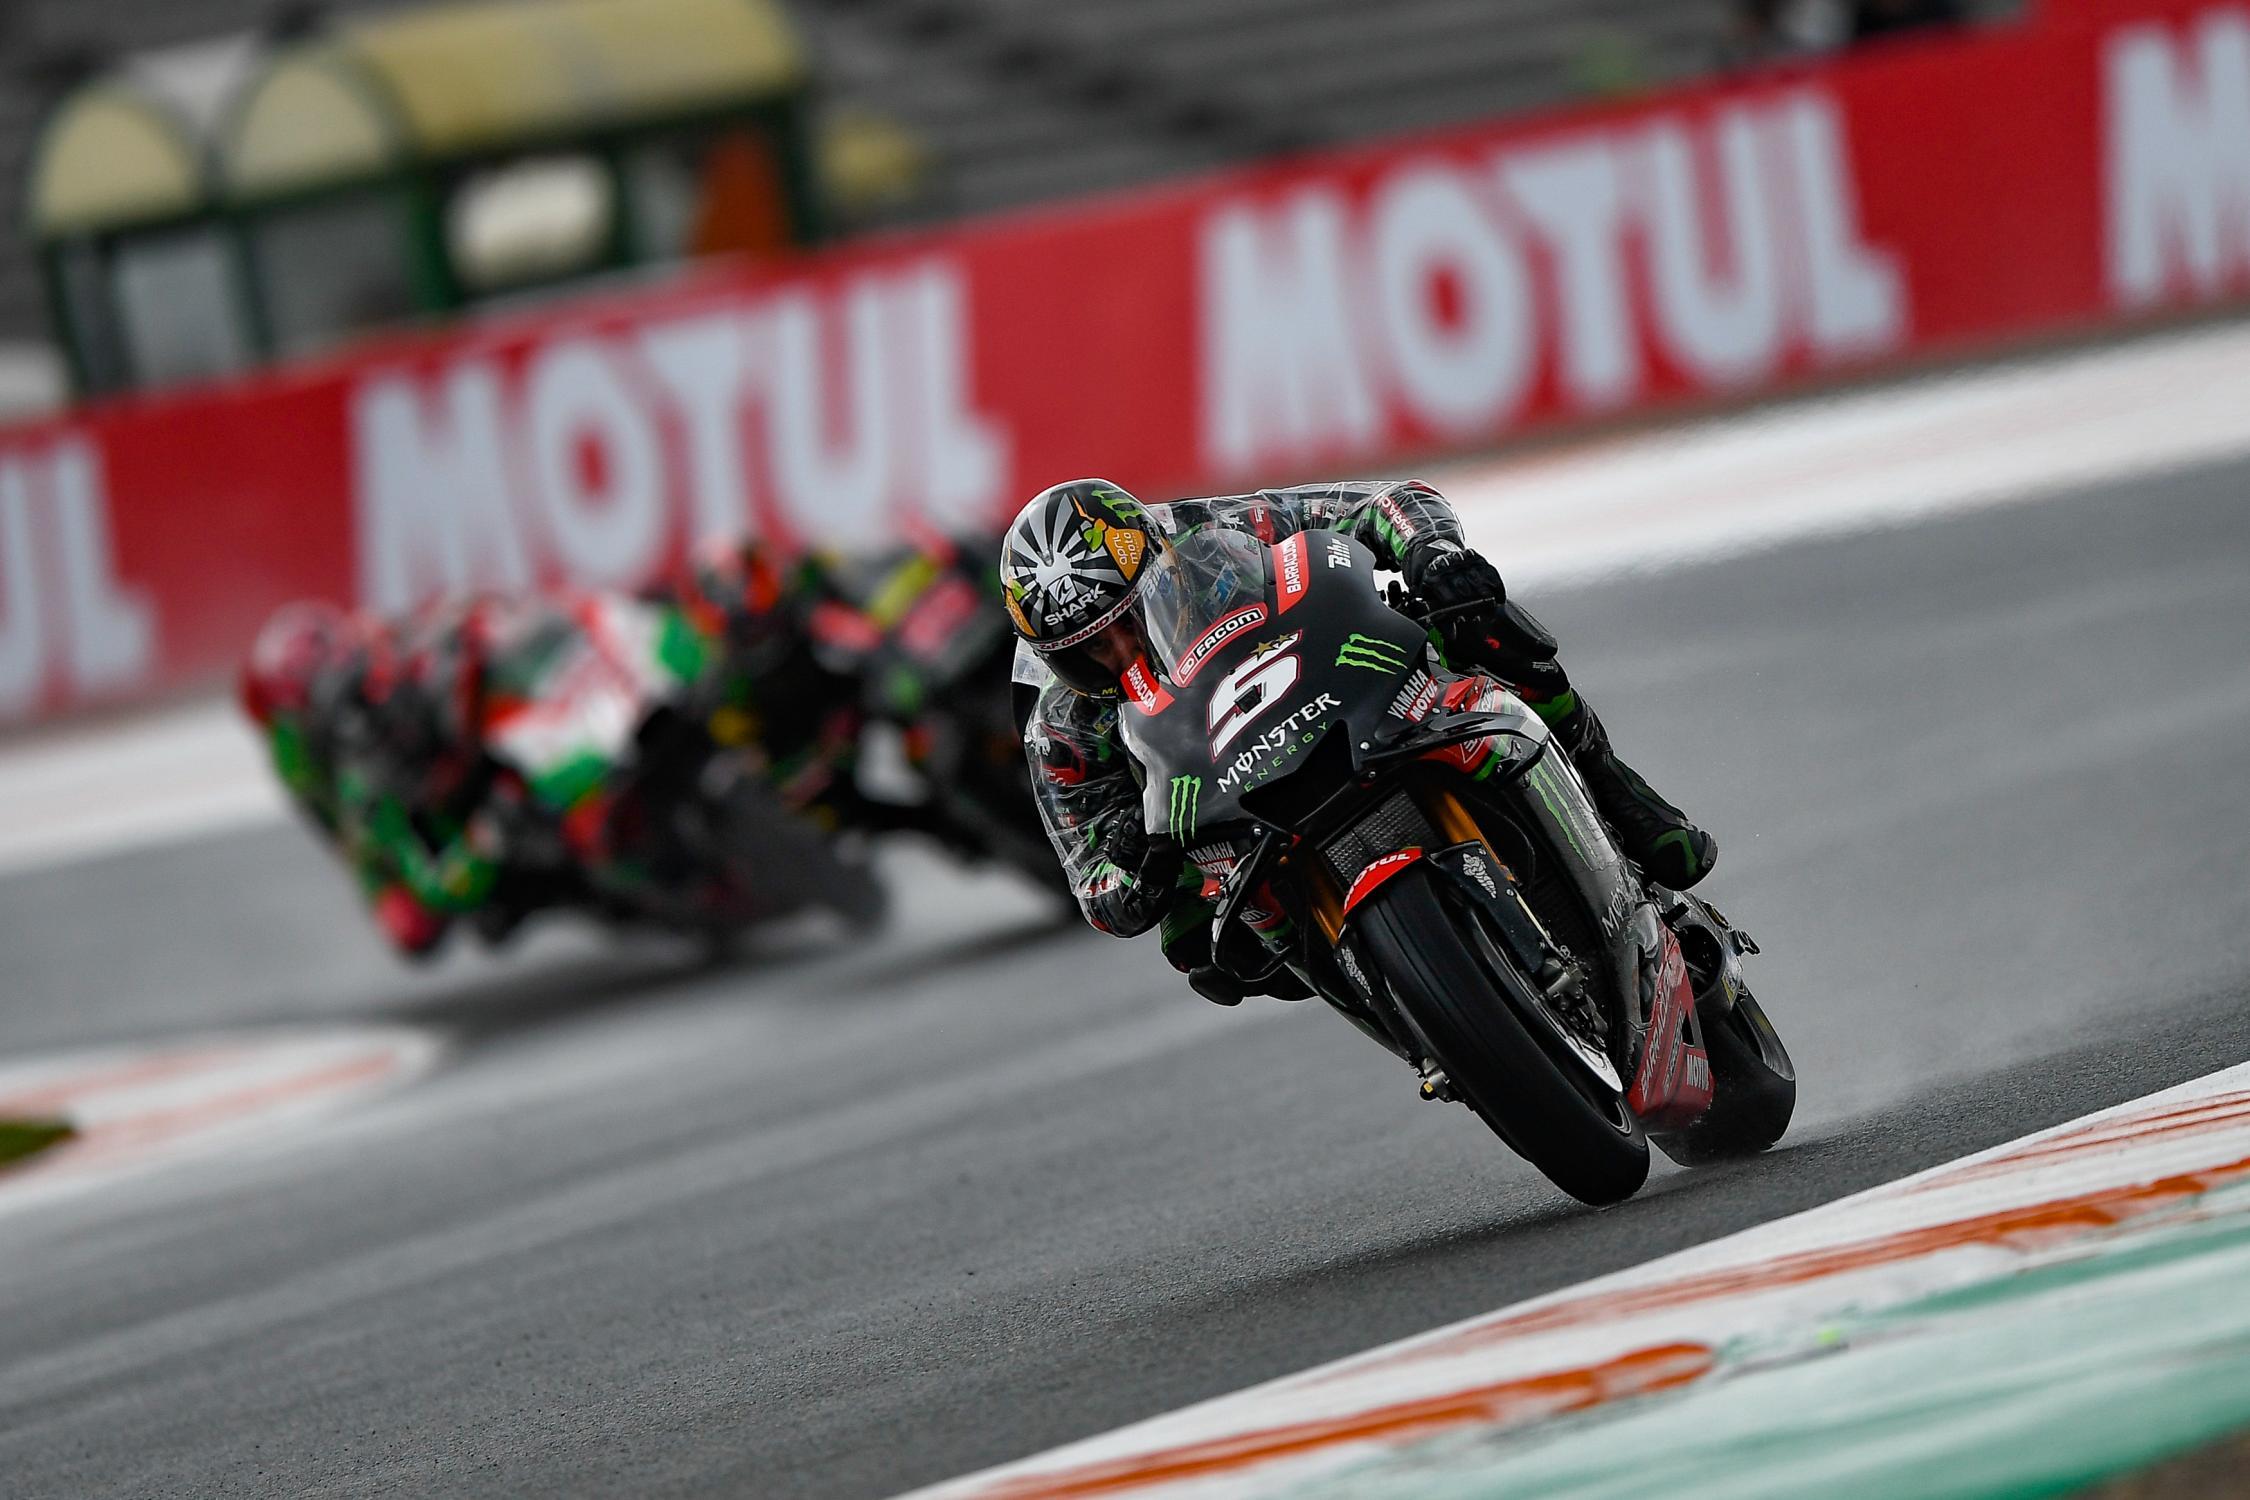 MOTO GP GRAND PRIX DE VALENCE 2018 - Page 2 Johann-zarco-valencia-essais-motogp-2018